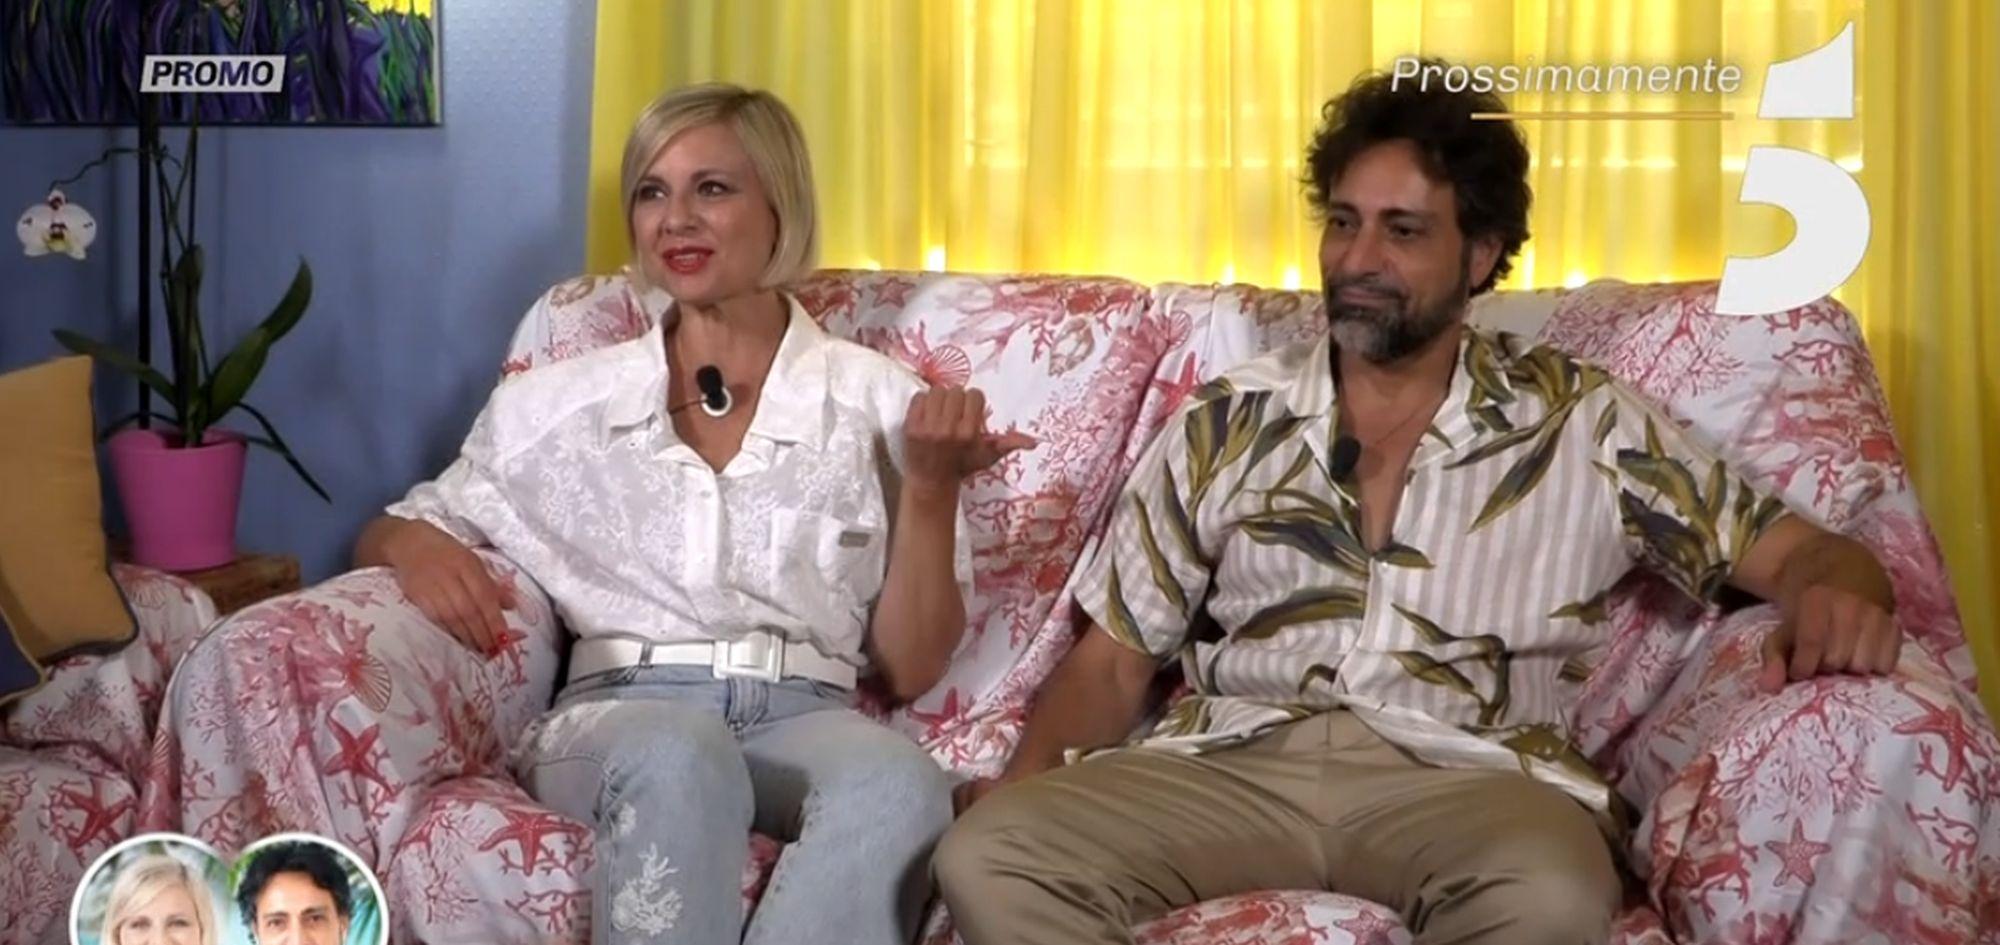 Temptation Island 2020: Antonella Elia e Pietro Delle Piane